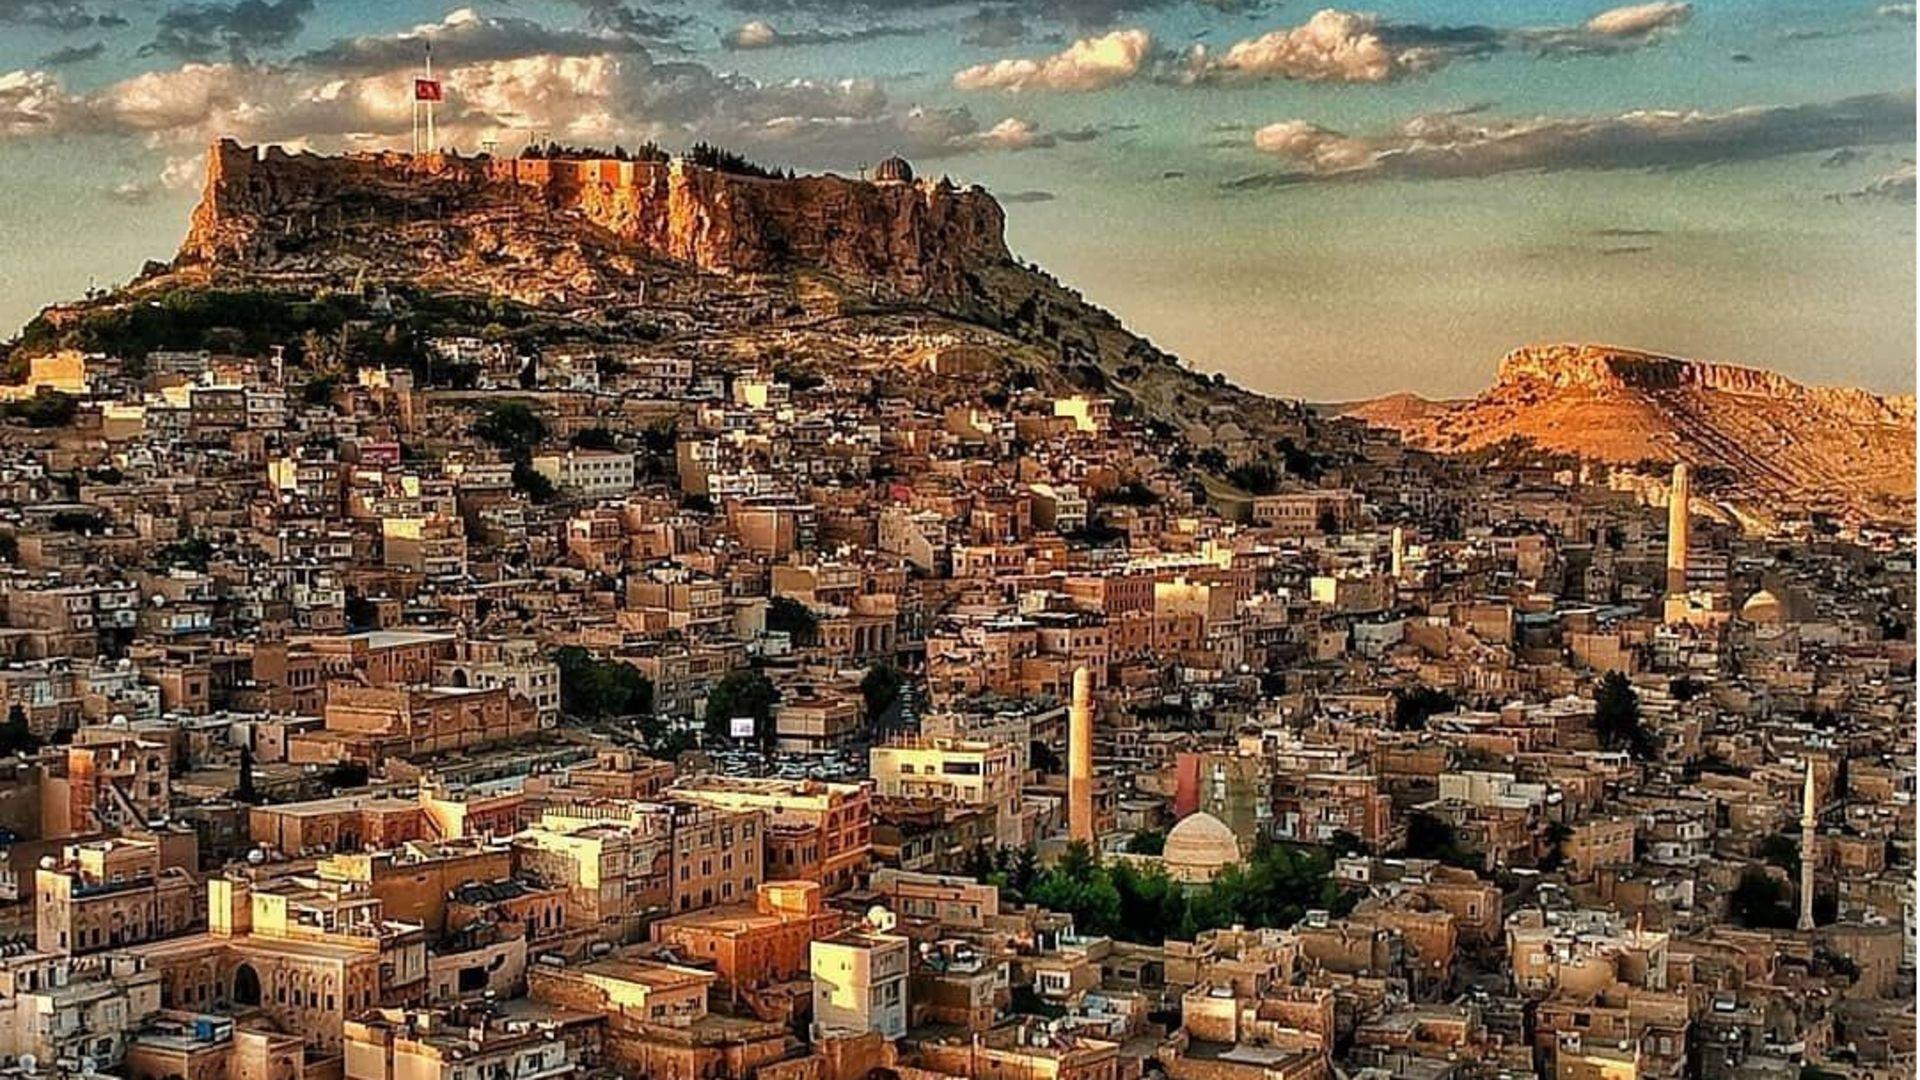 Kültürel ve doğal miraslarımız XXXIII (Mardin Kültürel Peyzaj Alanı)